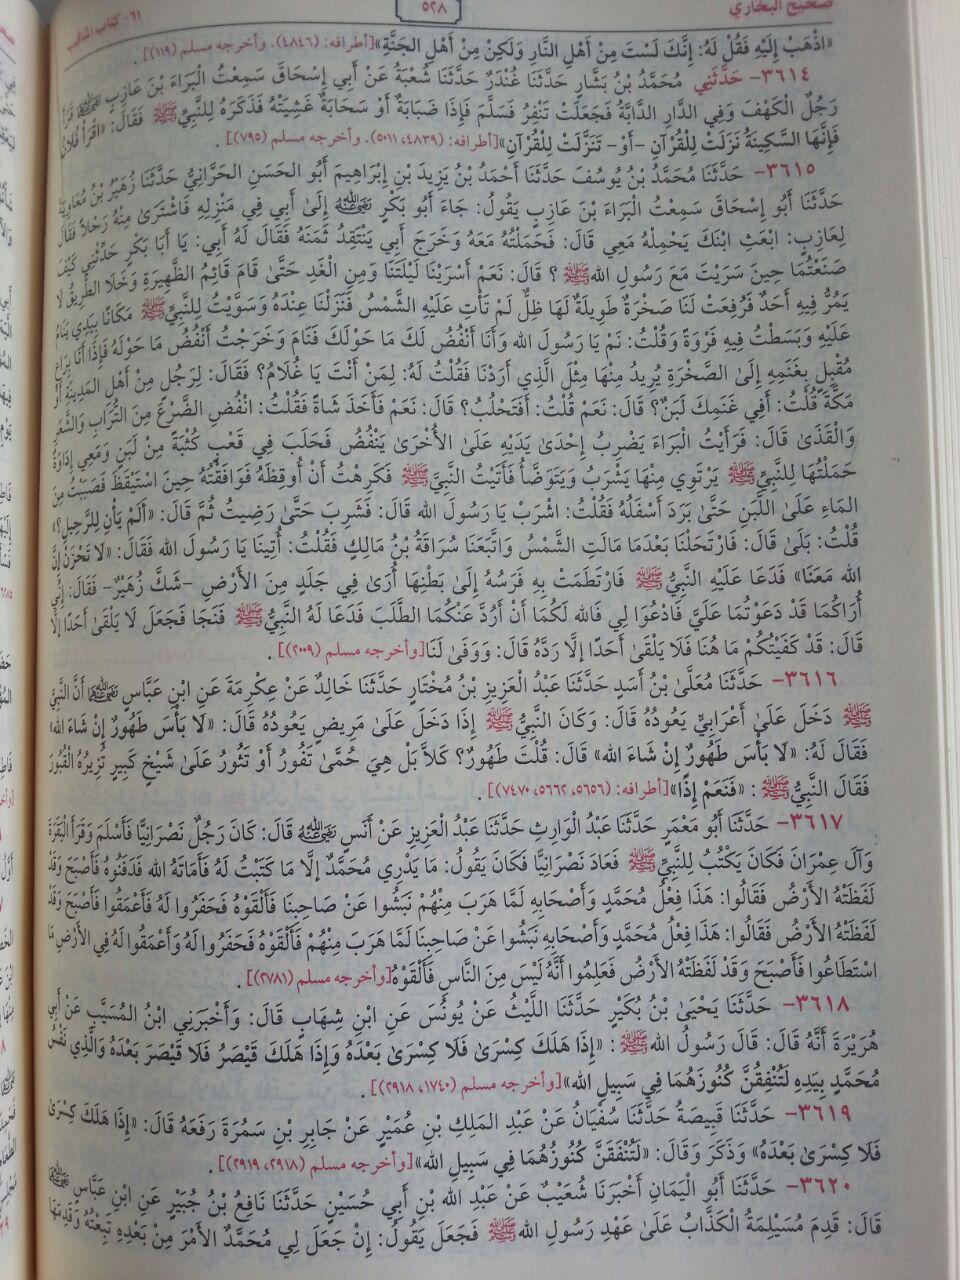 Kitab Shahih Al-Bukhari isi 3